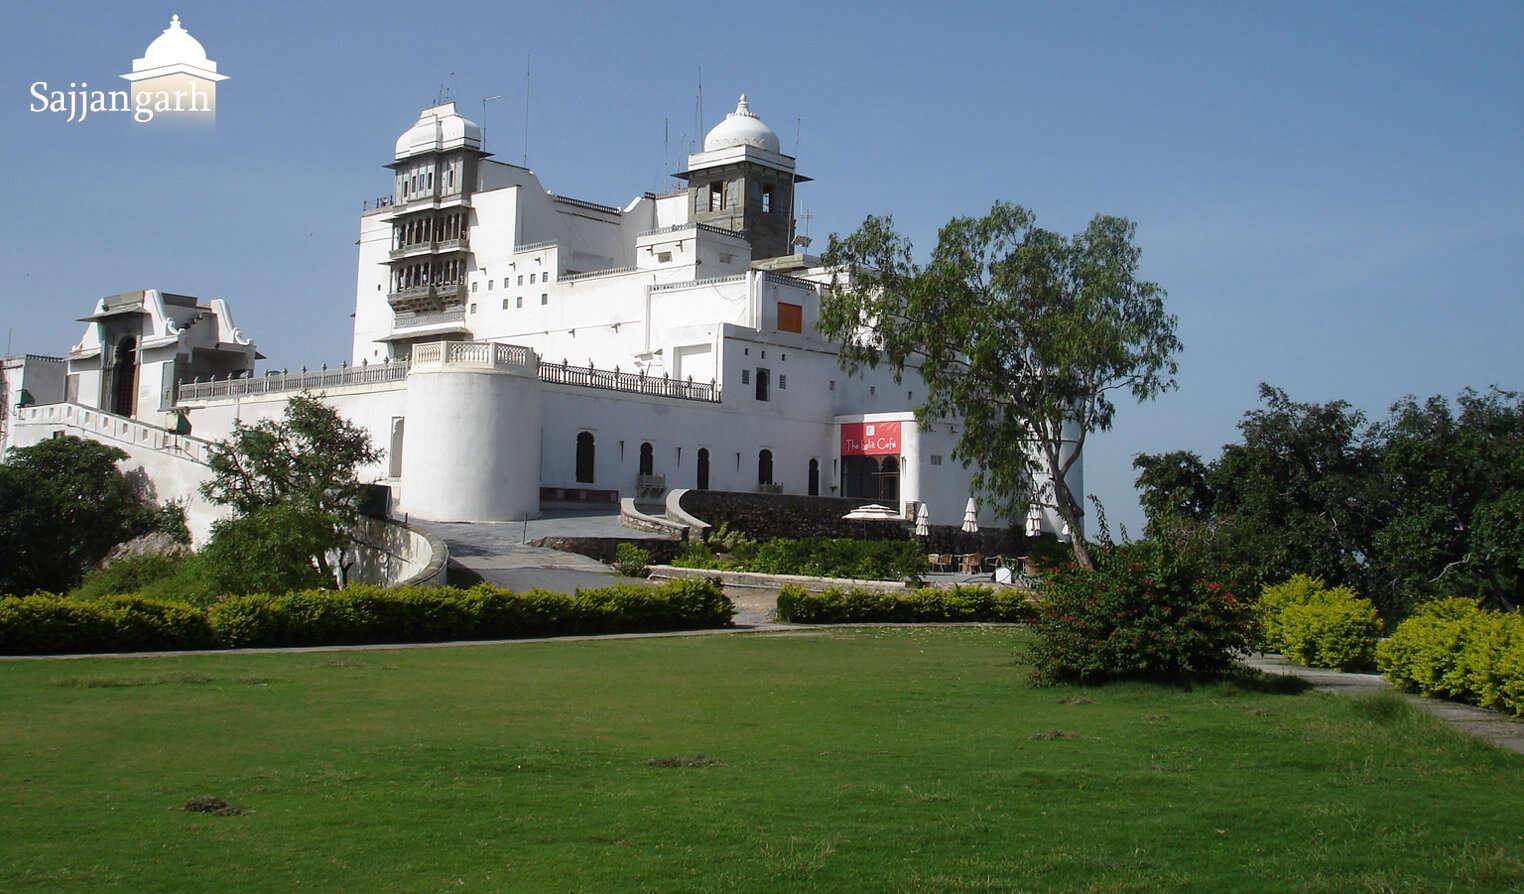 sajjangarh_monsoon_palace